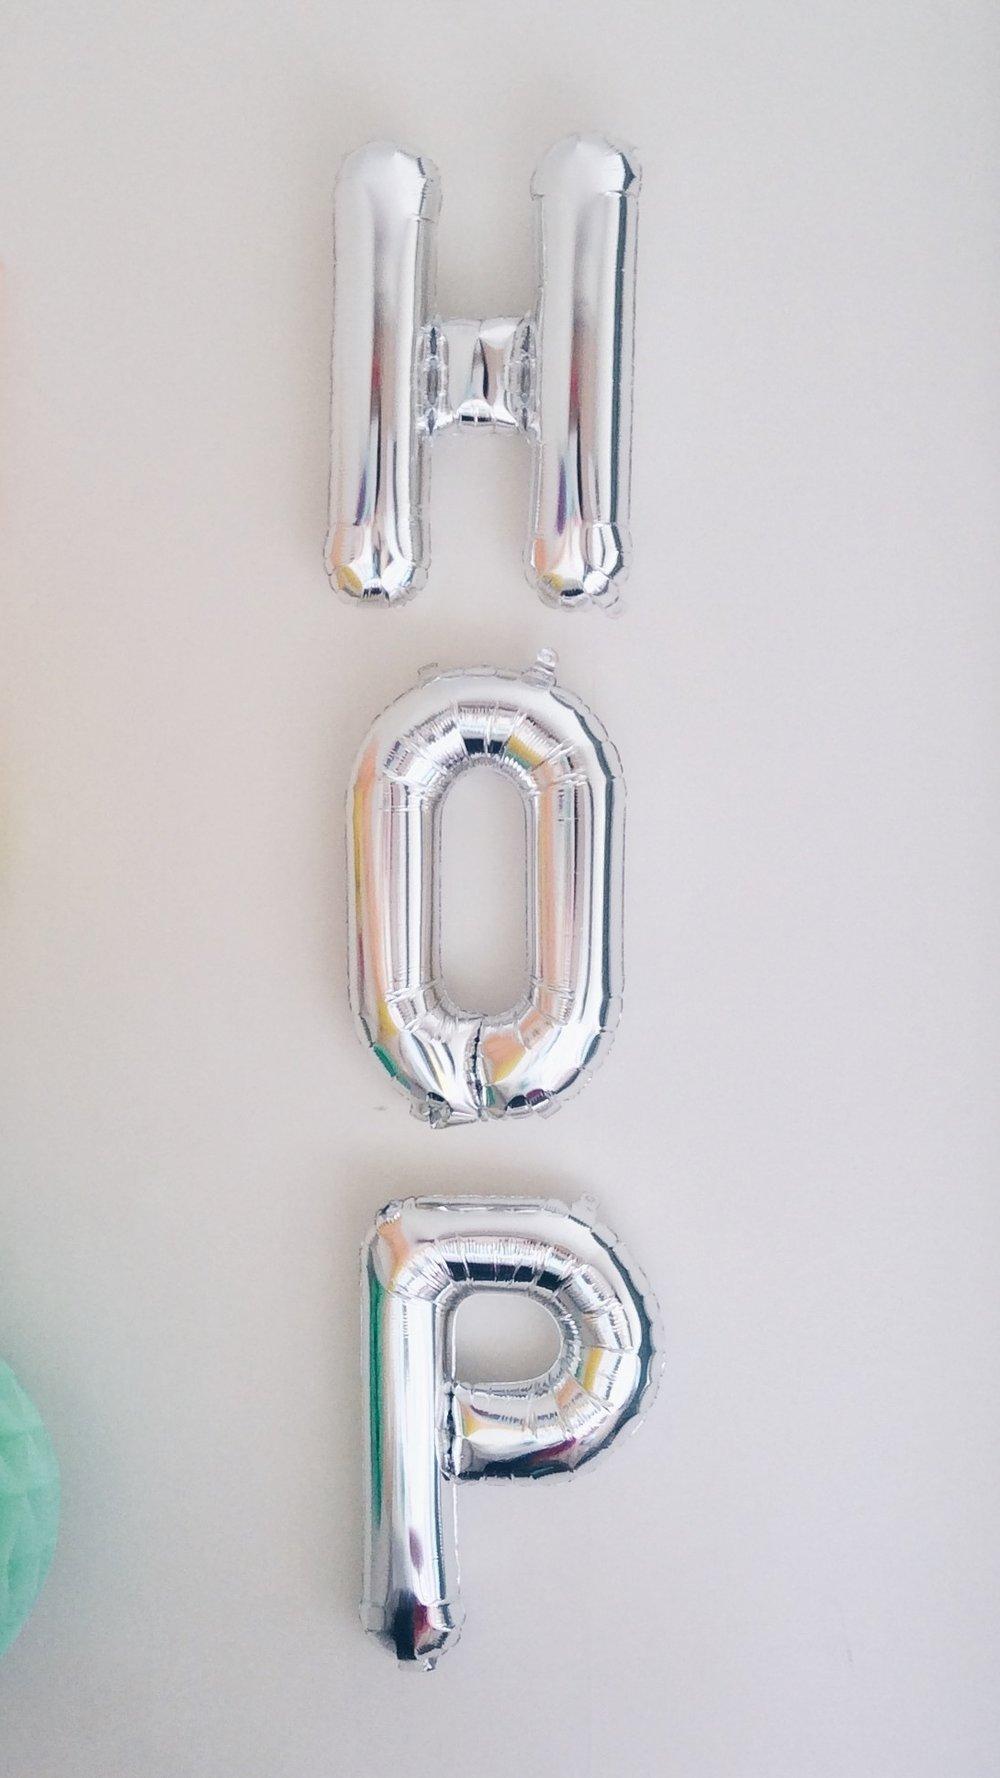 silver mylar letter balloons